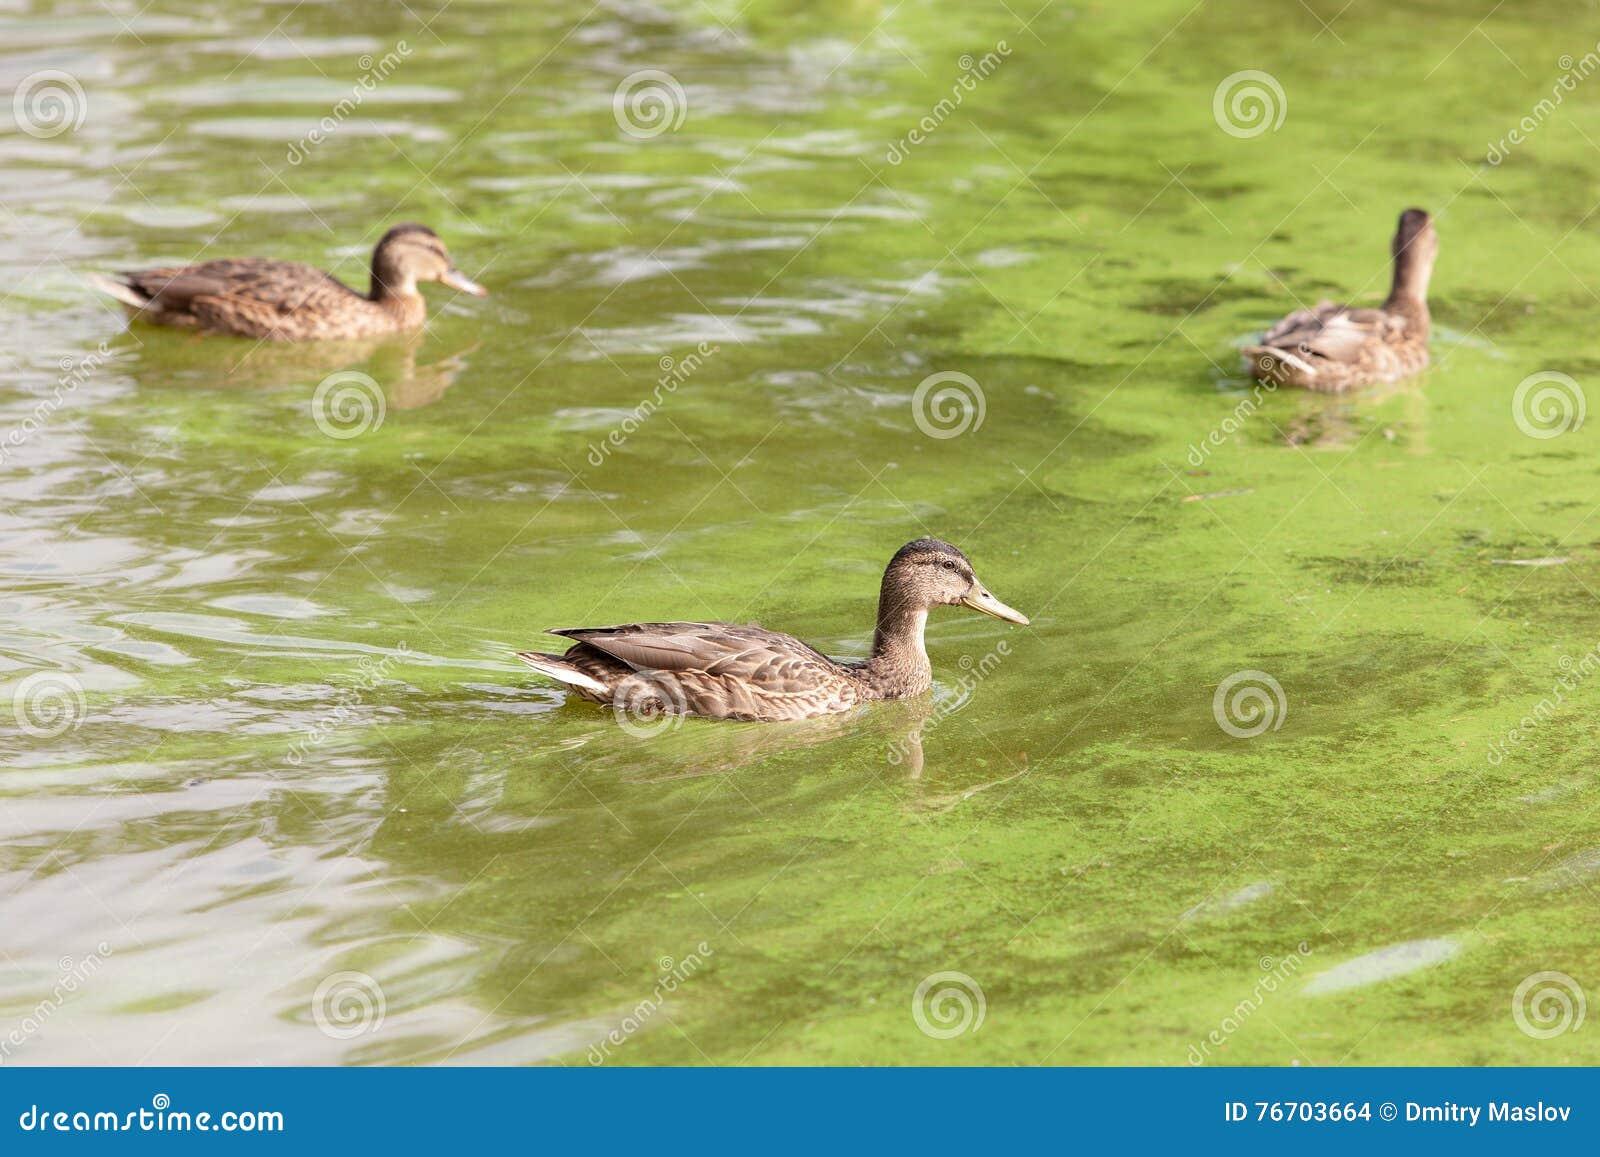 Änder som simmar i grönt vatten